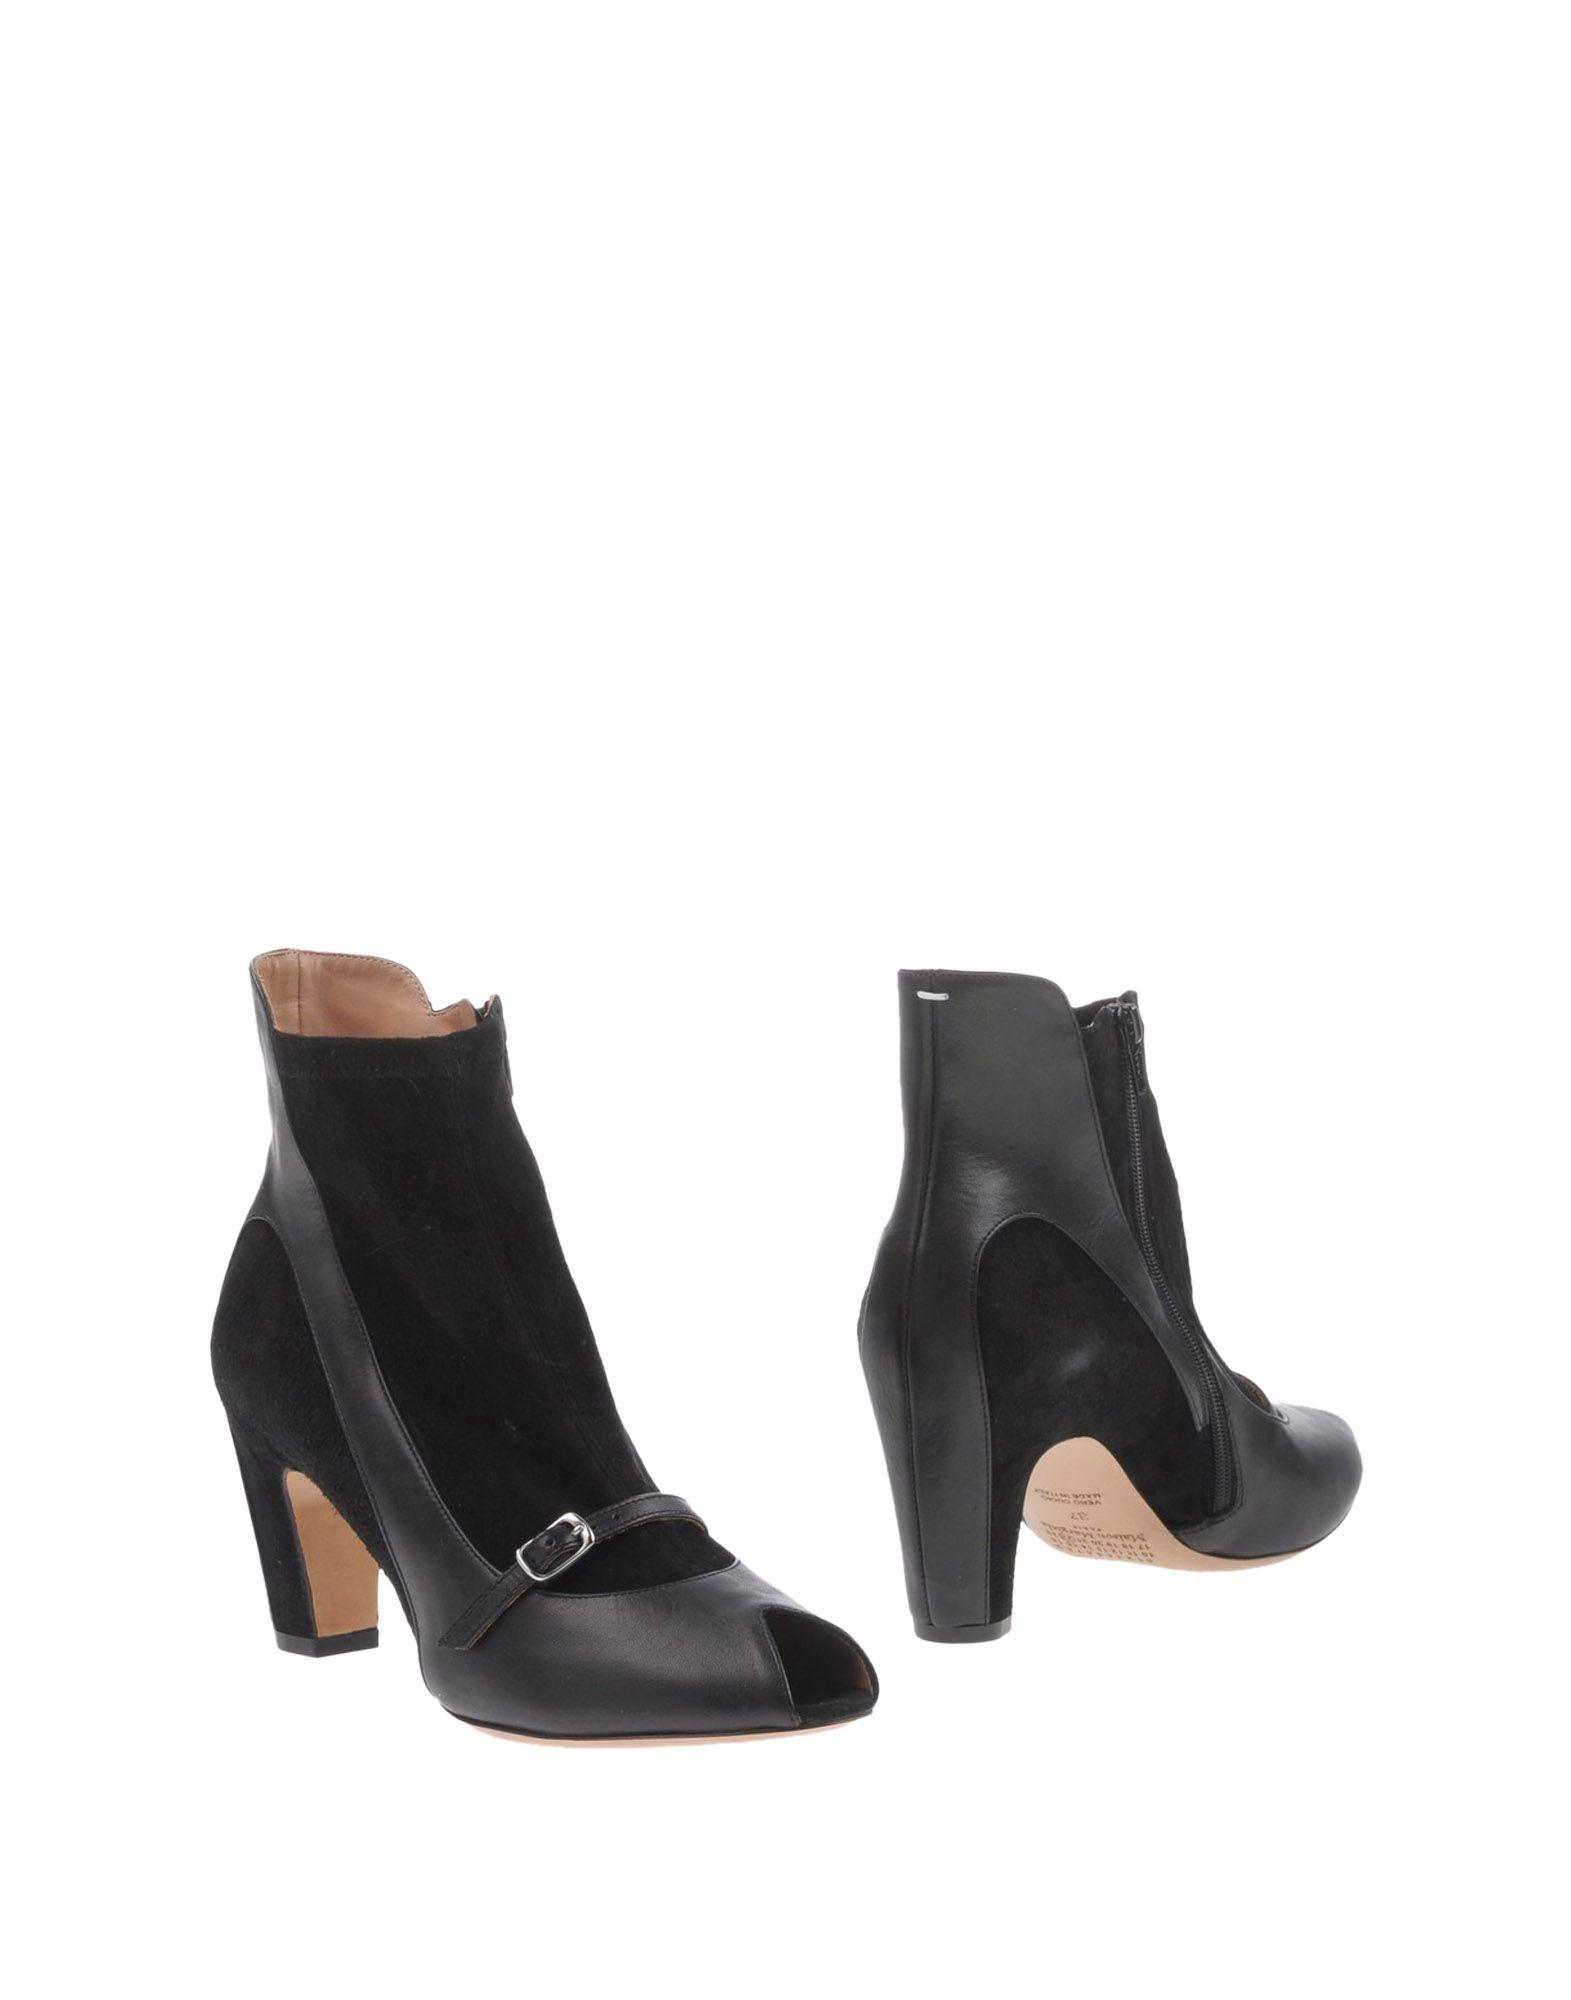 MAISON MARGIELA Полусапоги и высокие ботинки плейбой бренд осенью открытый скалолазания и пешие прогулки досуга для дыхания и водонепроницаемым мужские ботинки